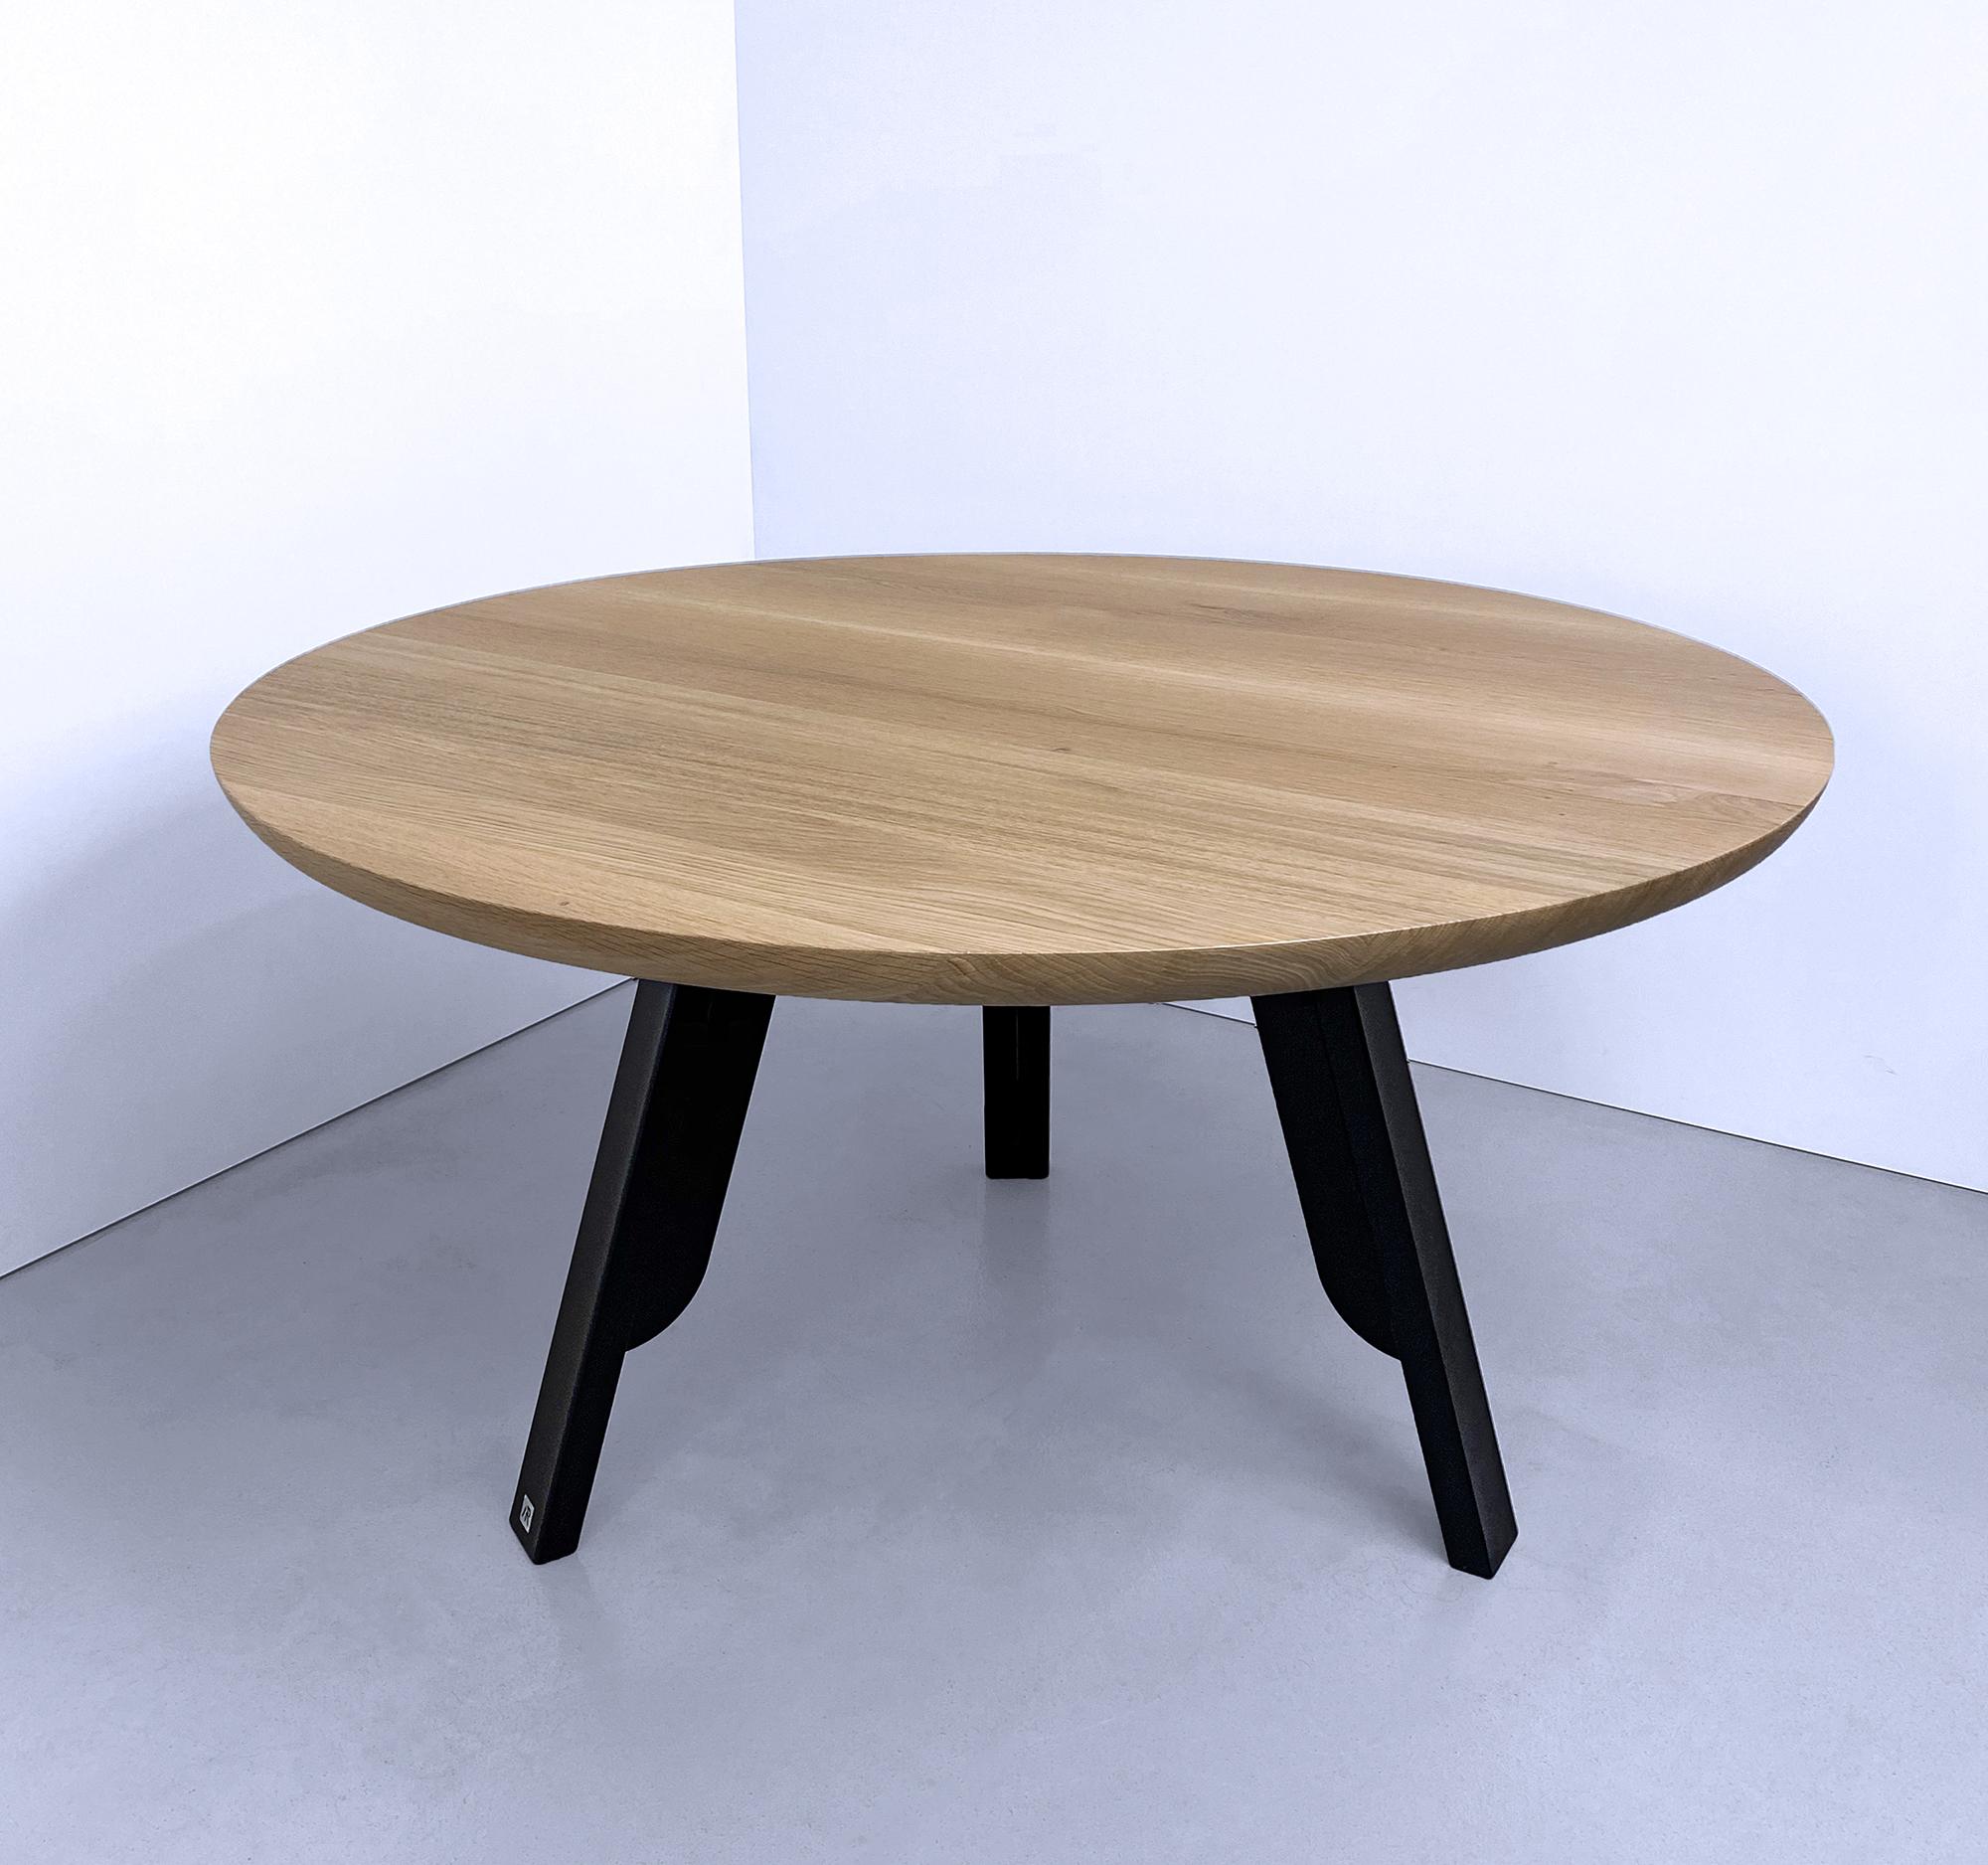 Table Ronde Nageoire Metal Et Bois Massif Design Elegant